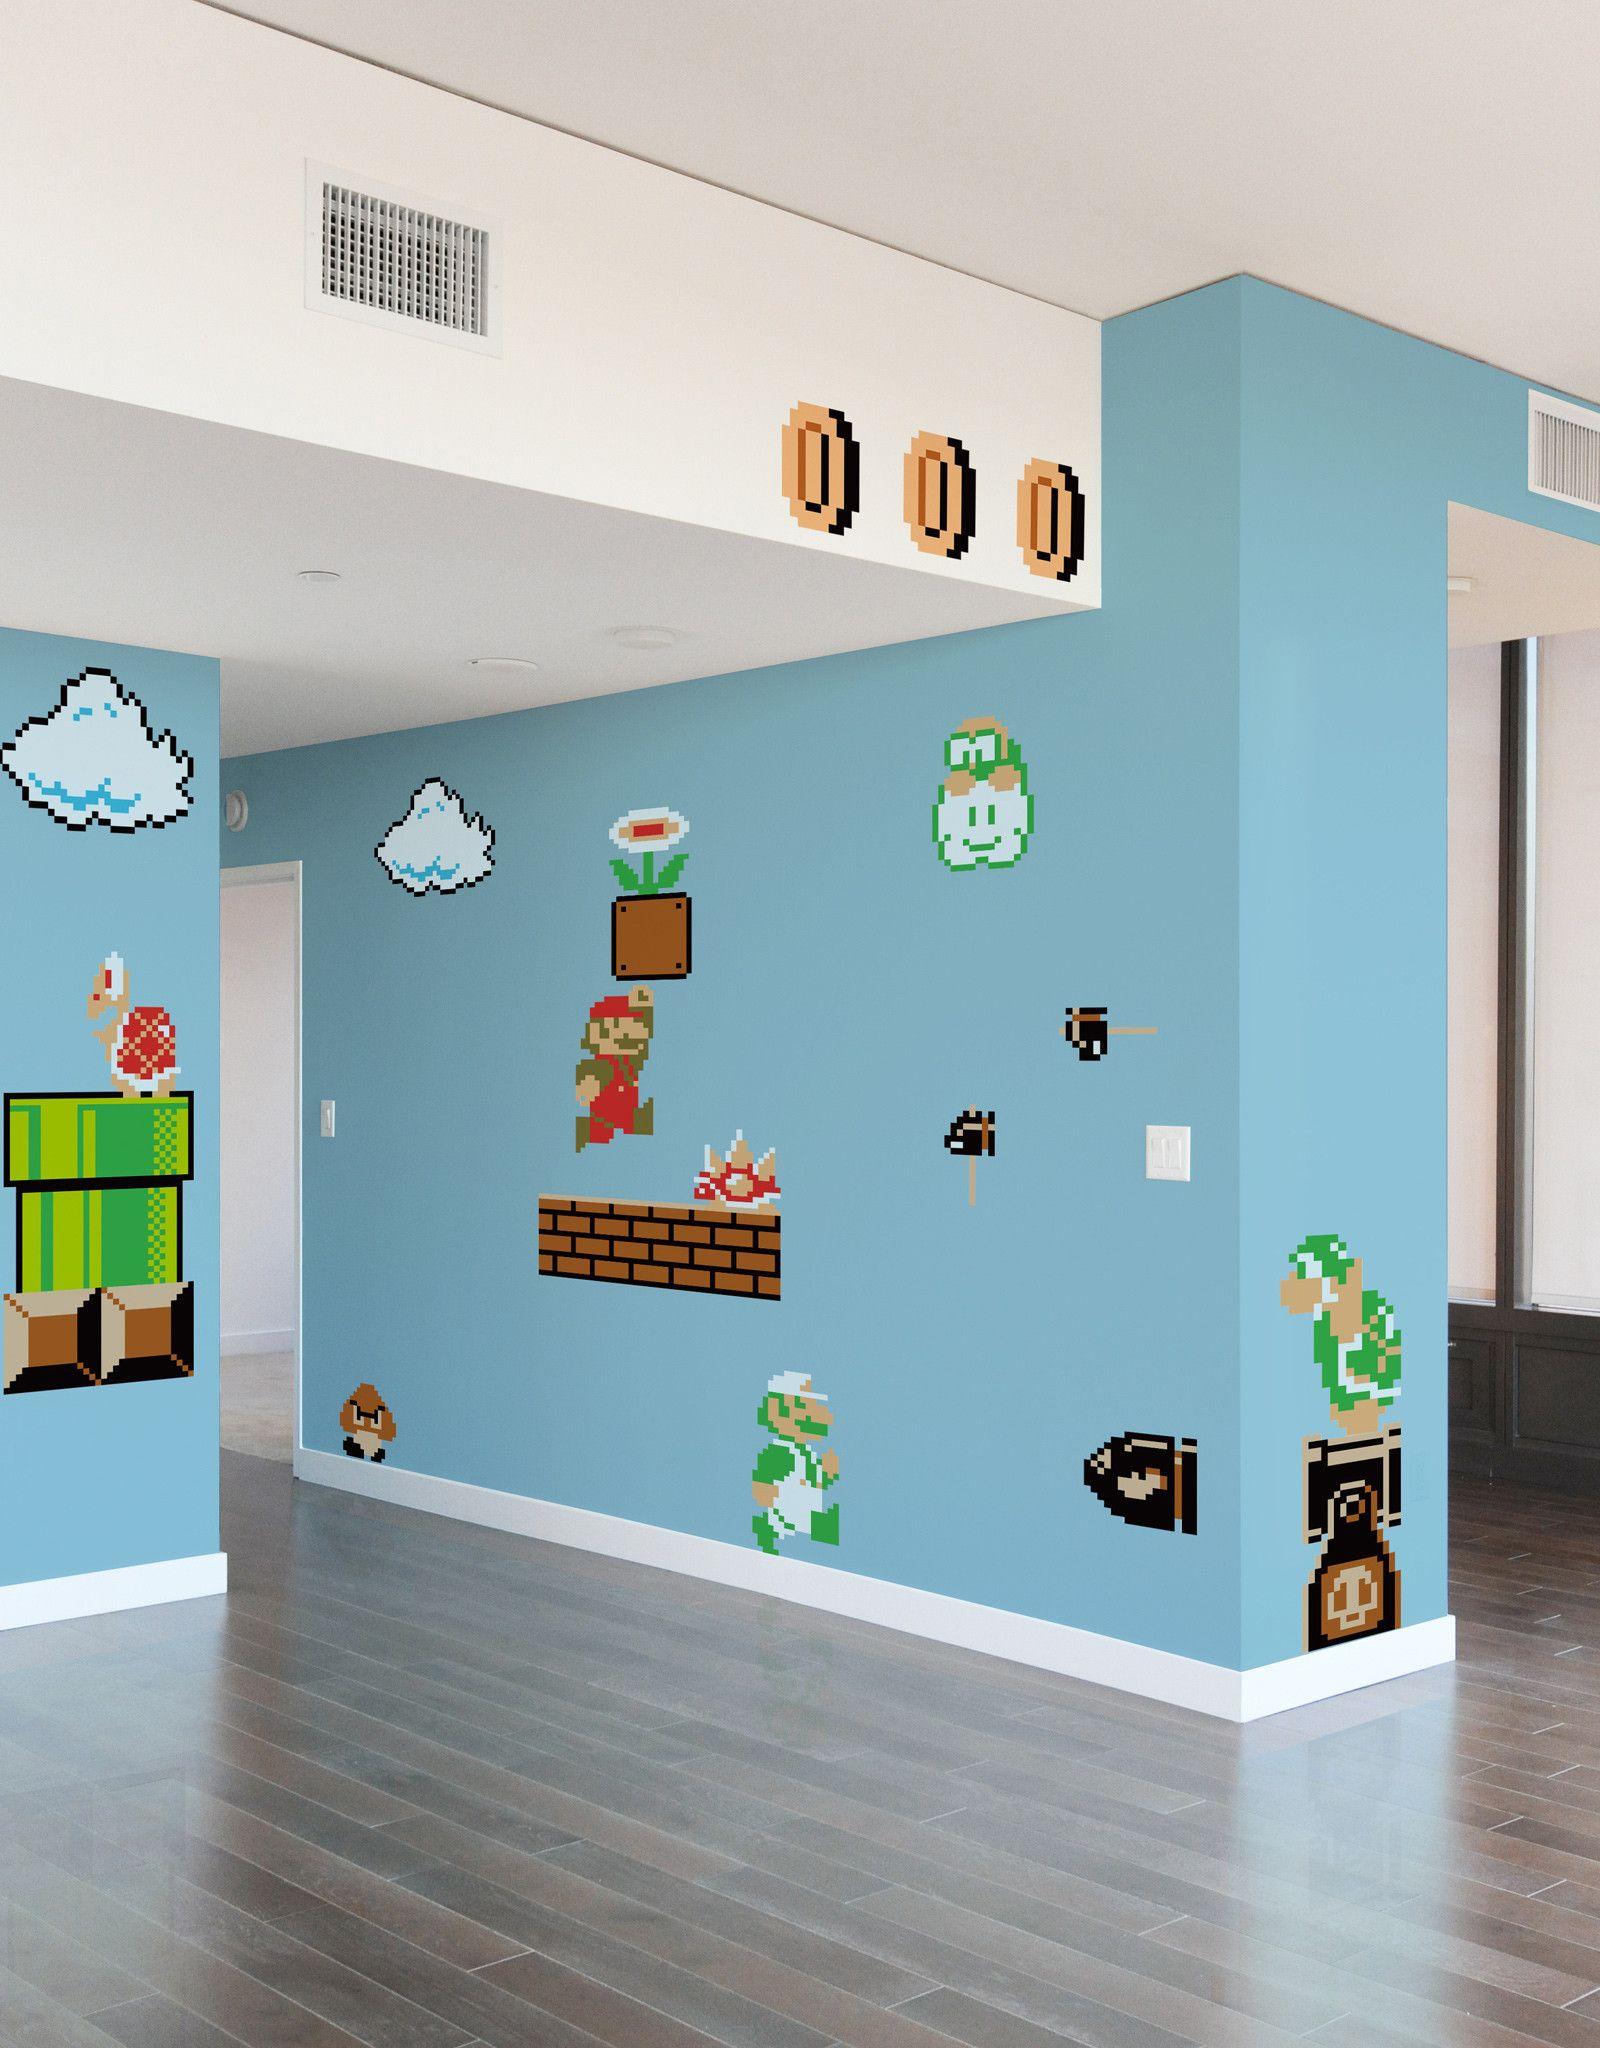 Super Mario Bros. Re-Stik | Super mario bros, Mario bros and Gaming